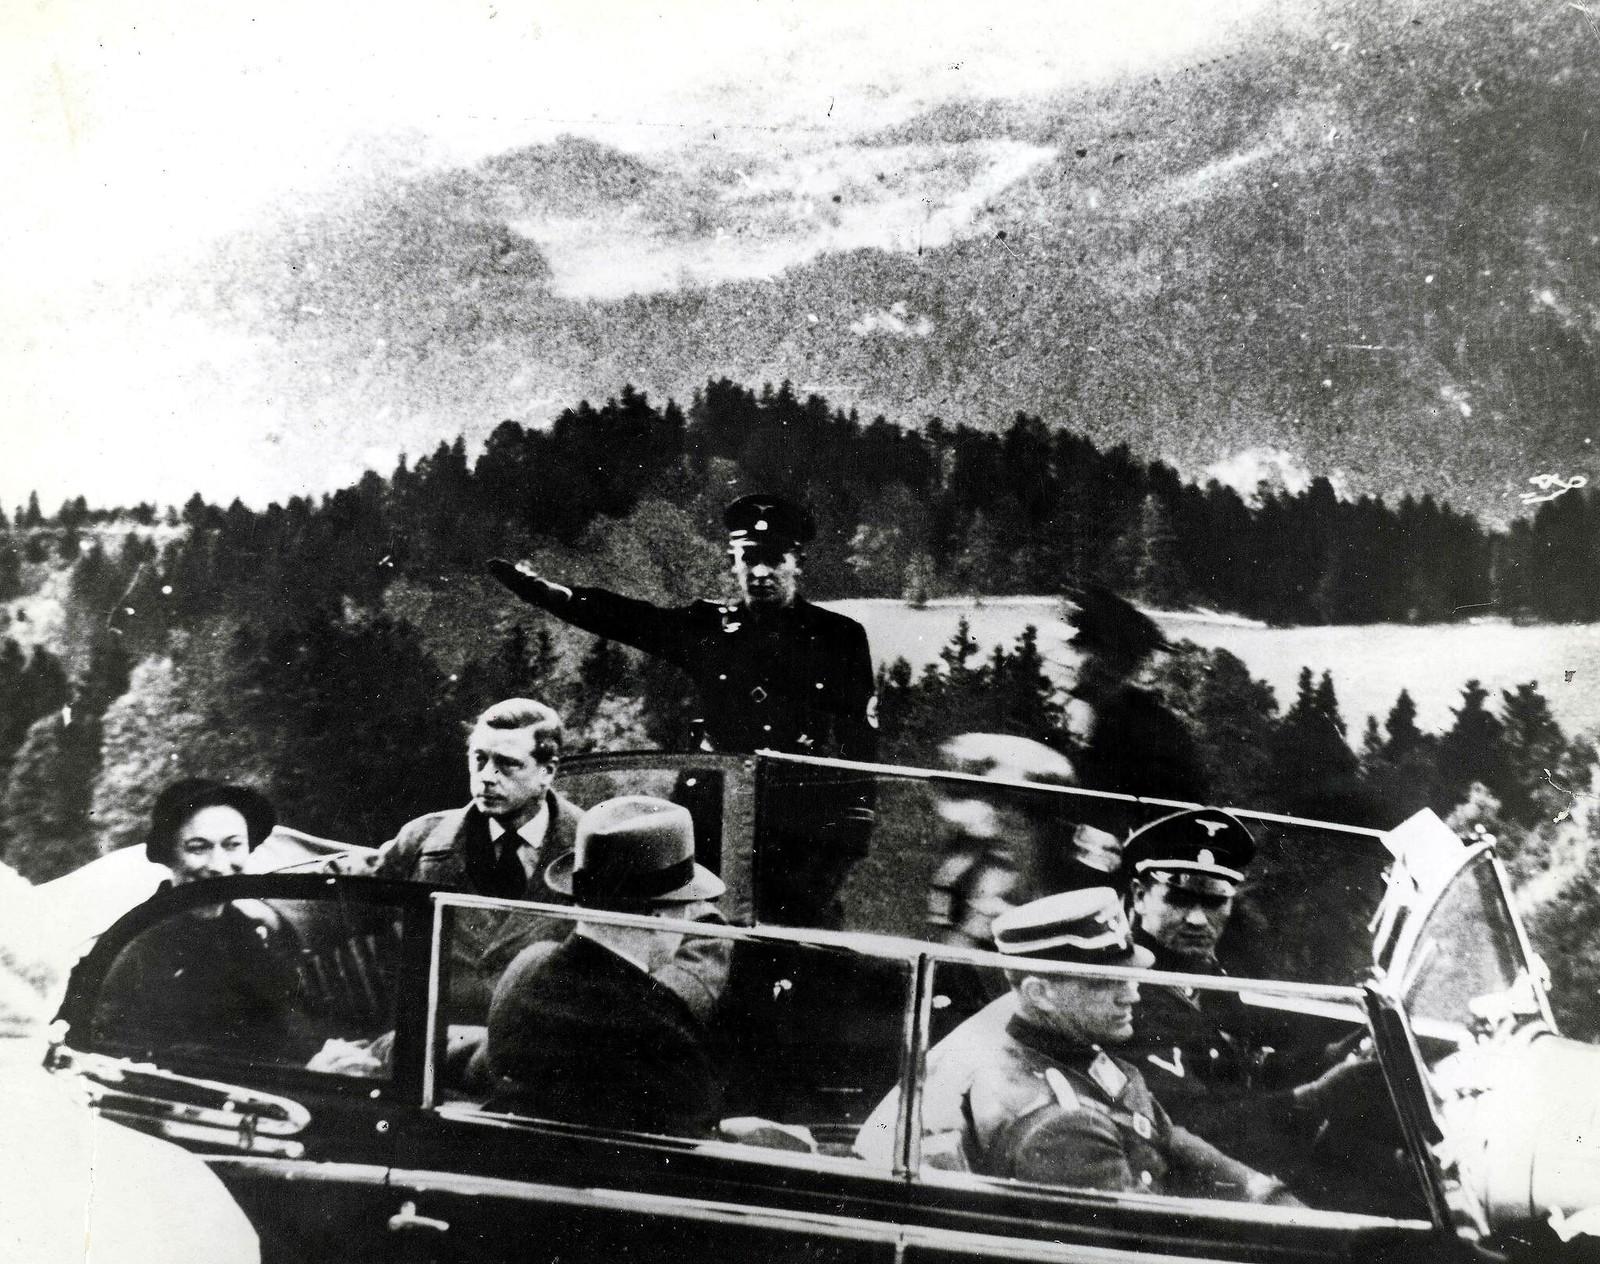 Герцог и герцогиня Виндзорские в Берхтесгадене после посещения ими немецкого лидера Адольфа Гитлера